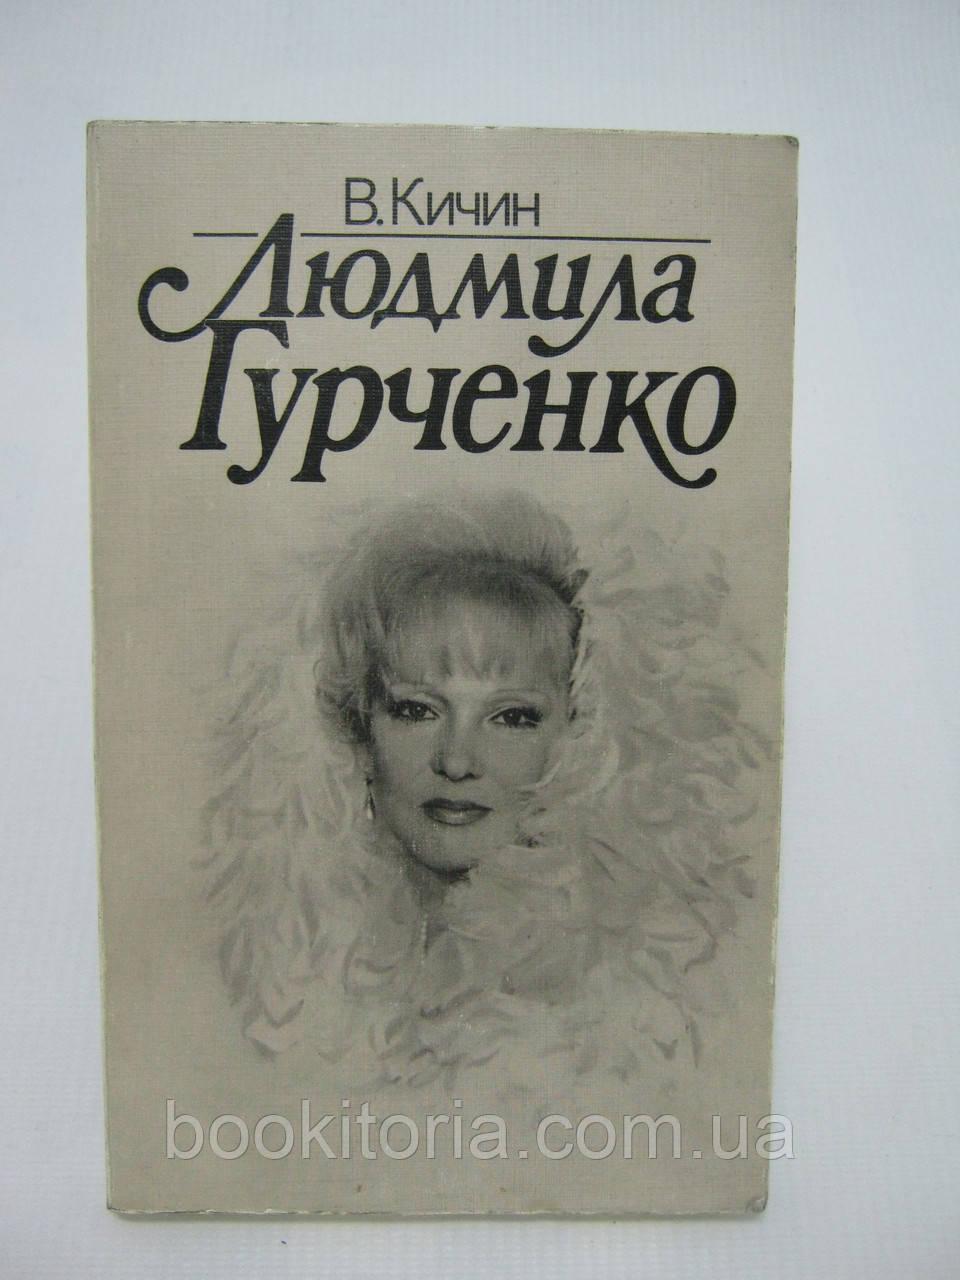 Кичин В. Людмила Гурченко (б/у).